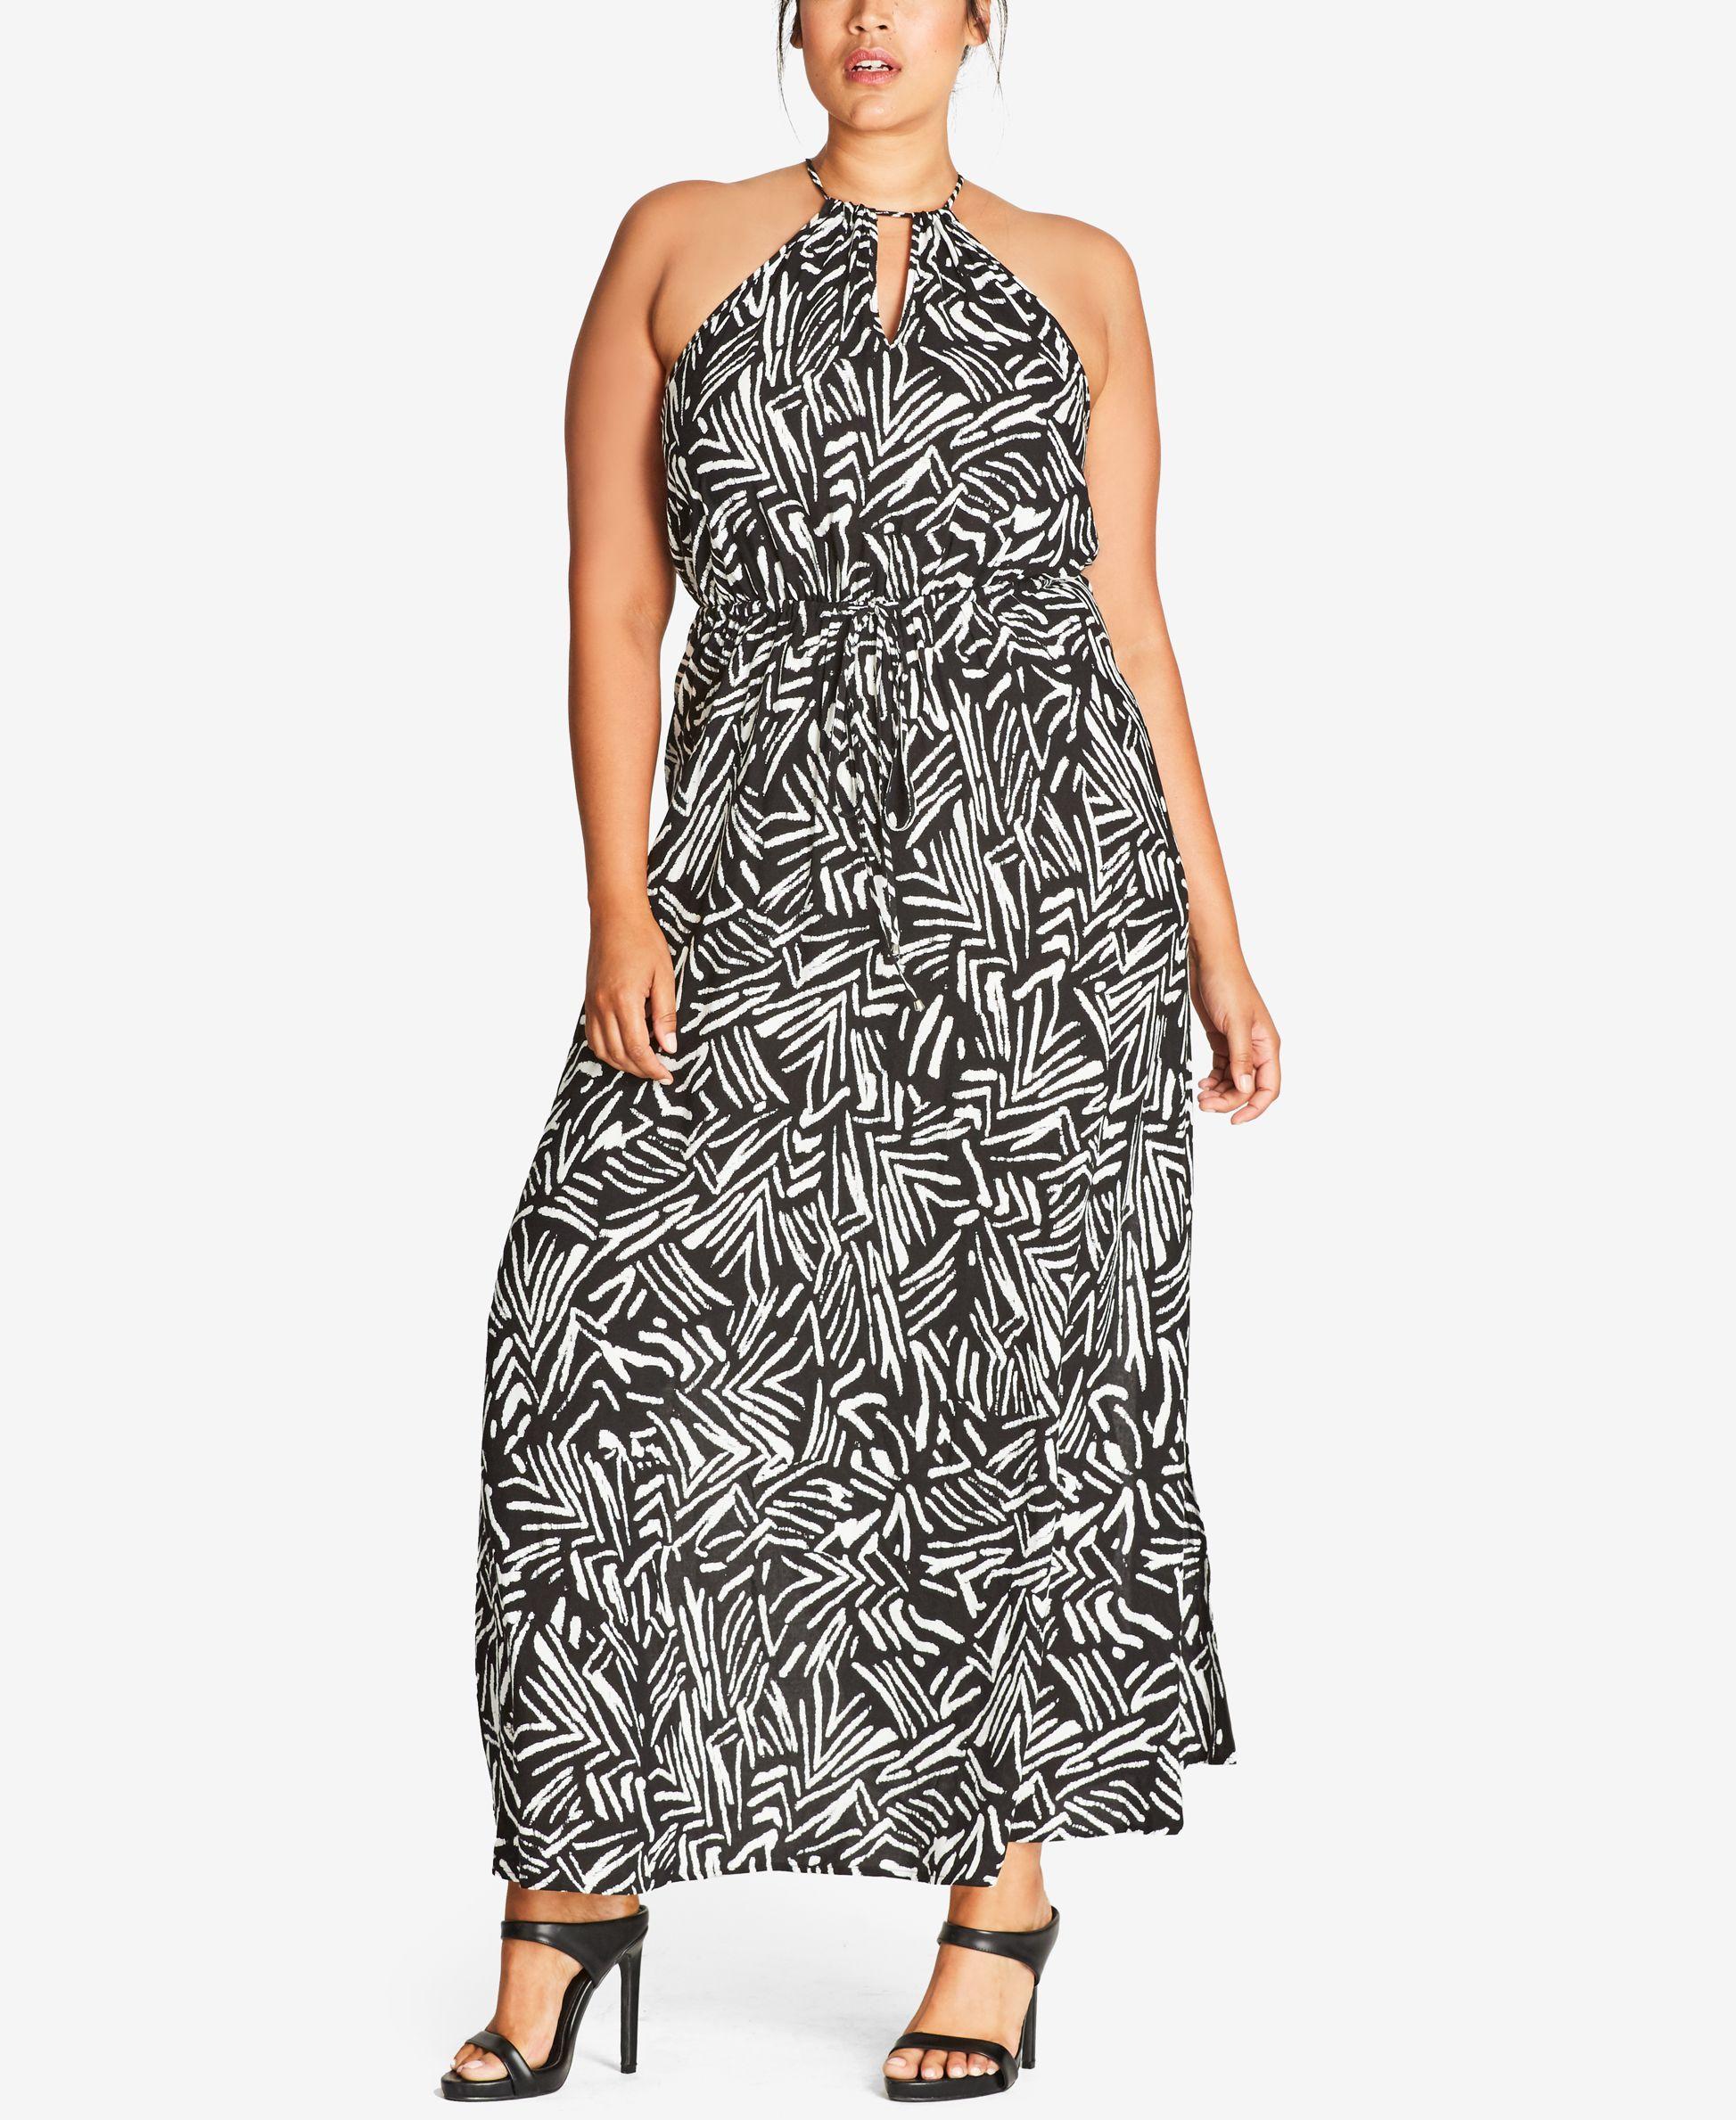 42e71439a6 City Chic Trendy Plus Size Floral-Print Maxi Dress